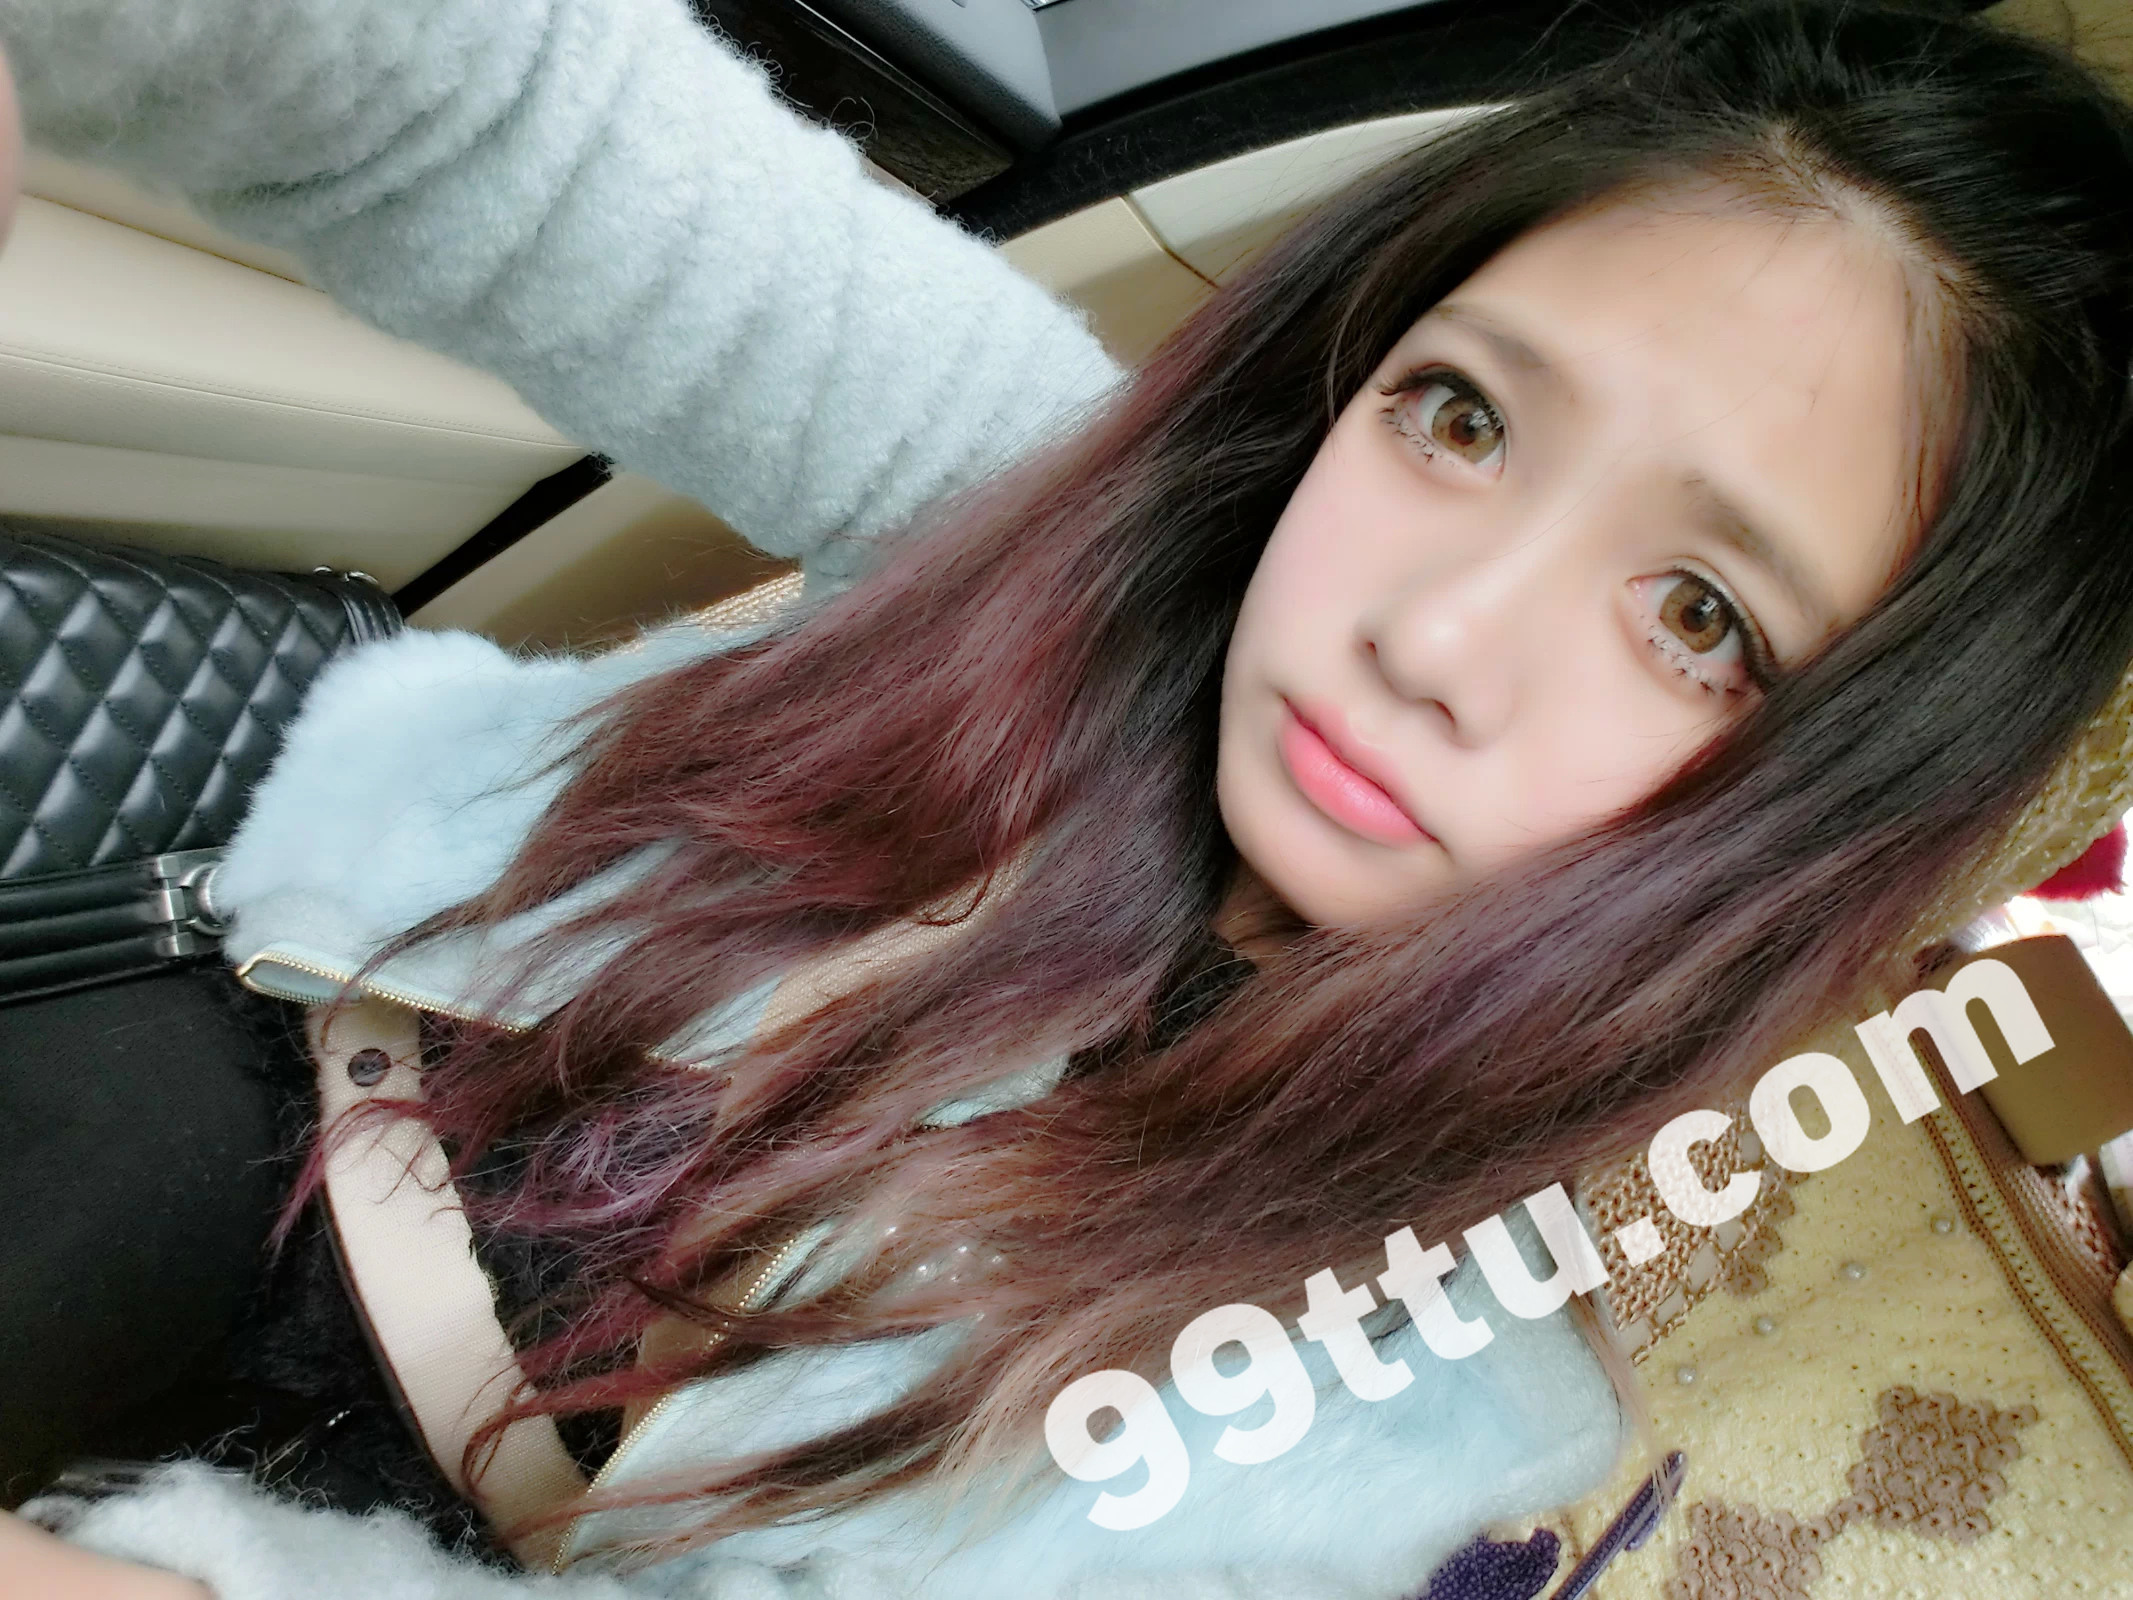 KK68_1464图+6个视频 青春可爱美女无水印高清生活照-5